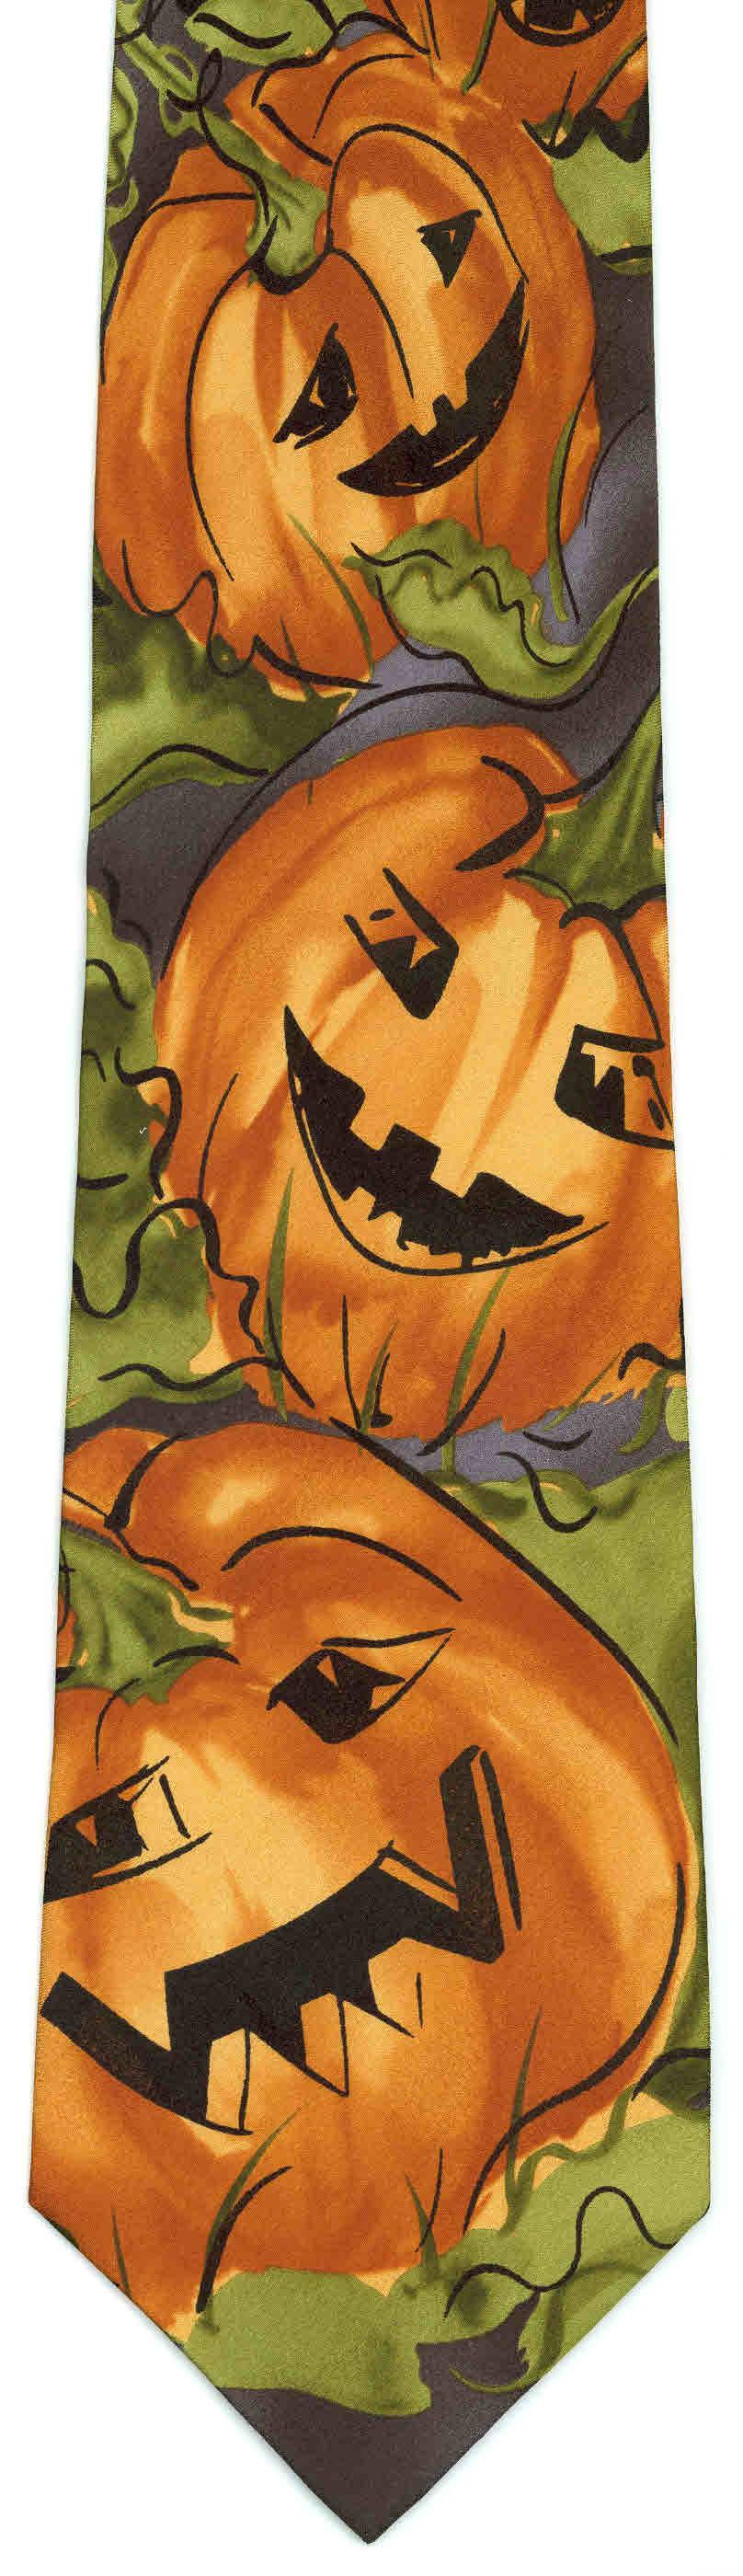 105 Pumpkins (HW).jpg